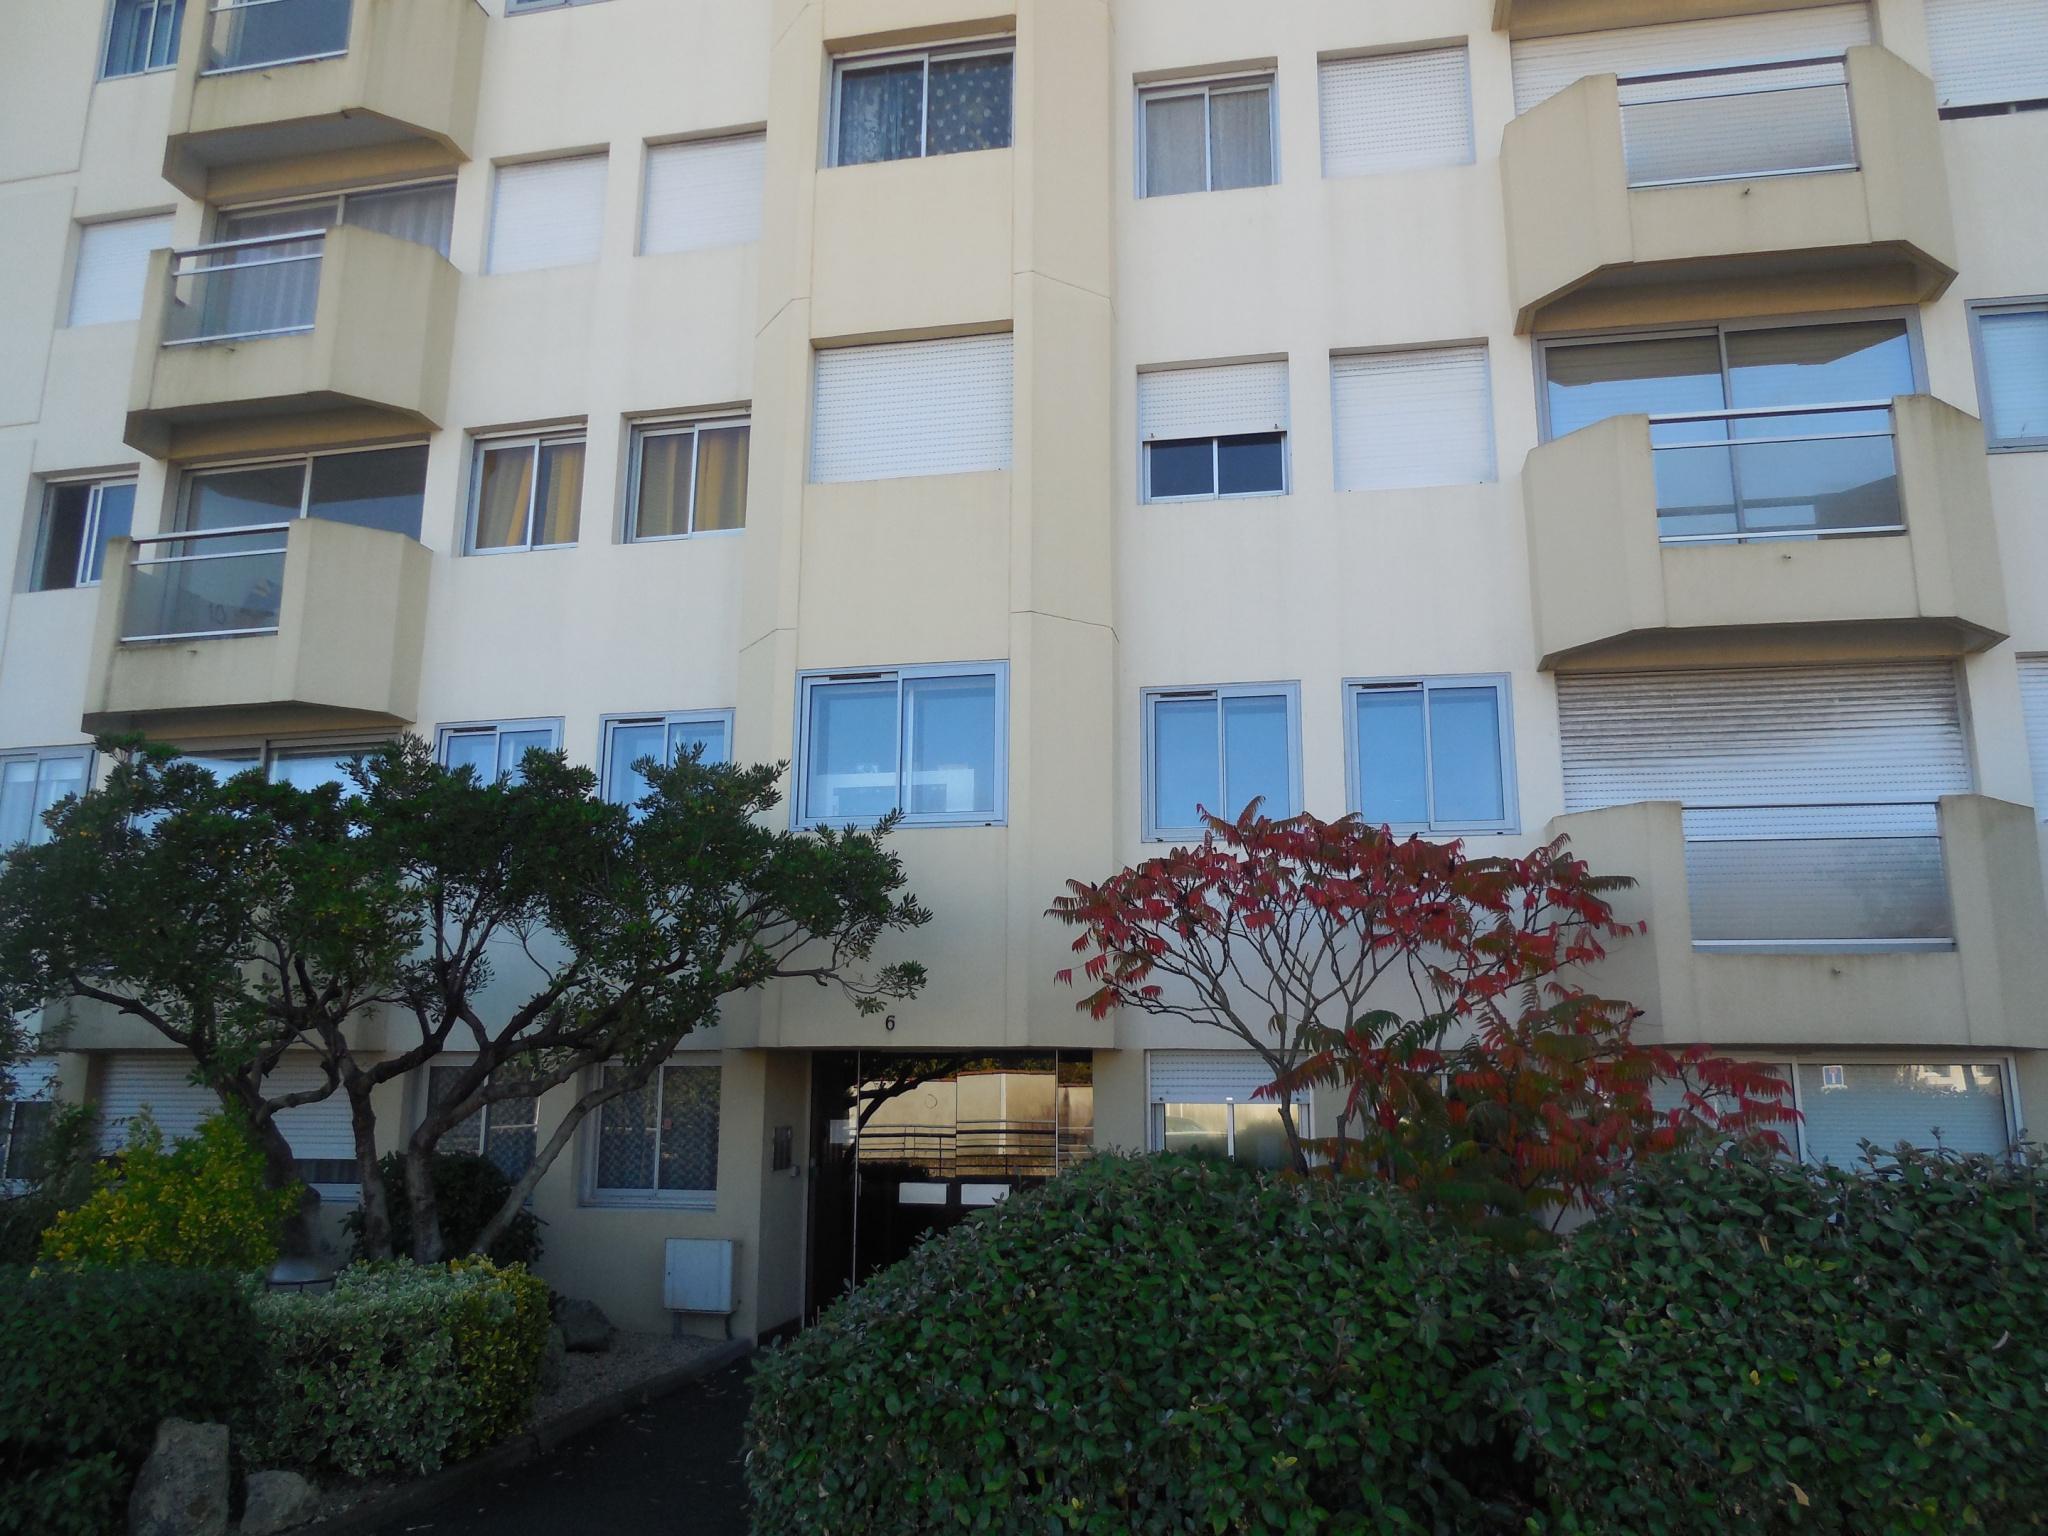 appartement puilboreau LA ROCHELLE - PROCHE COMMODITES